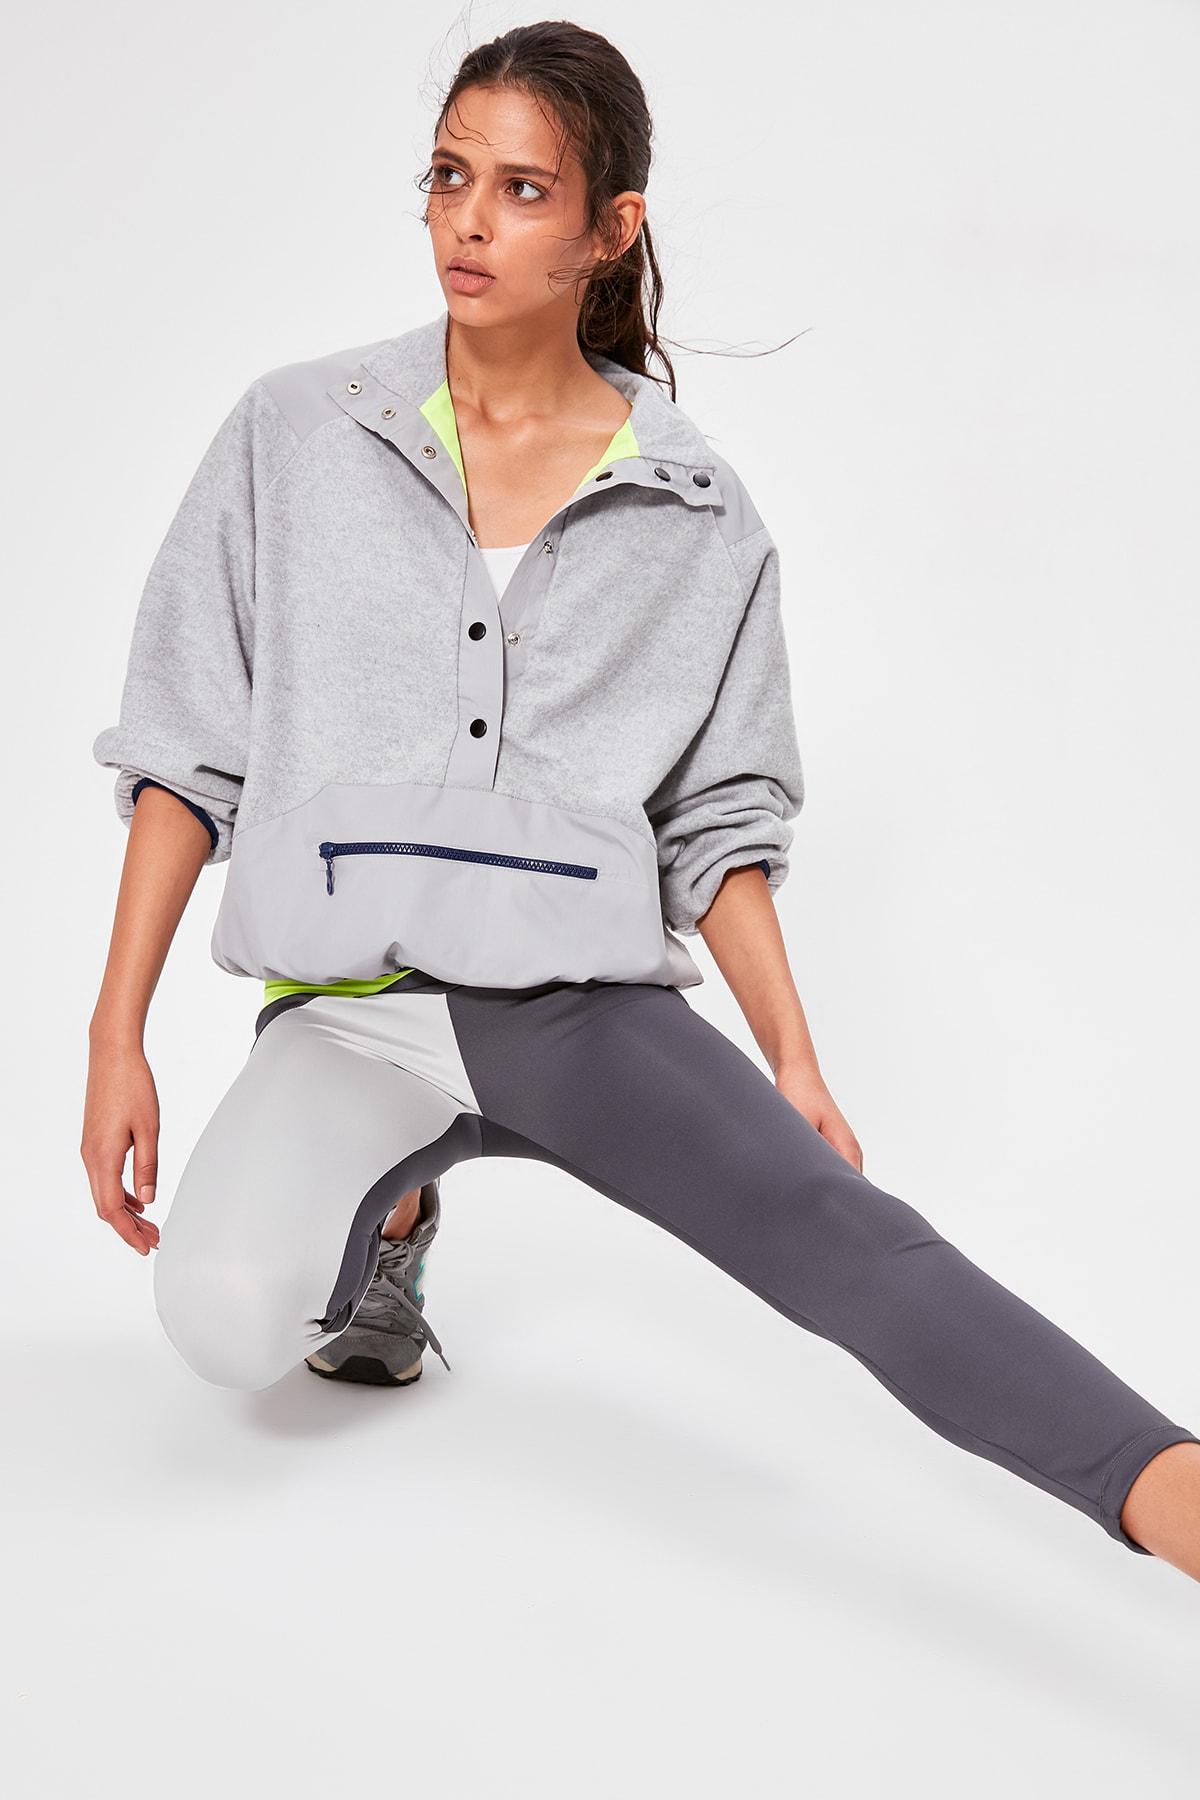 Trendyol Double Sided Neon Detailed Sports Sweatshirt TWOAW20SW0410